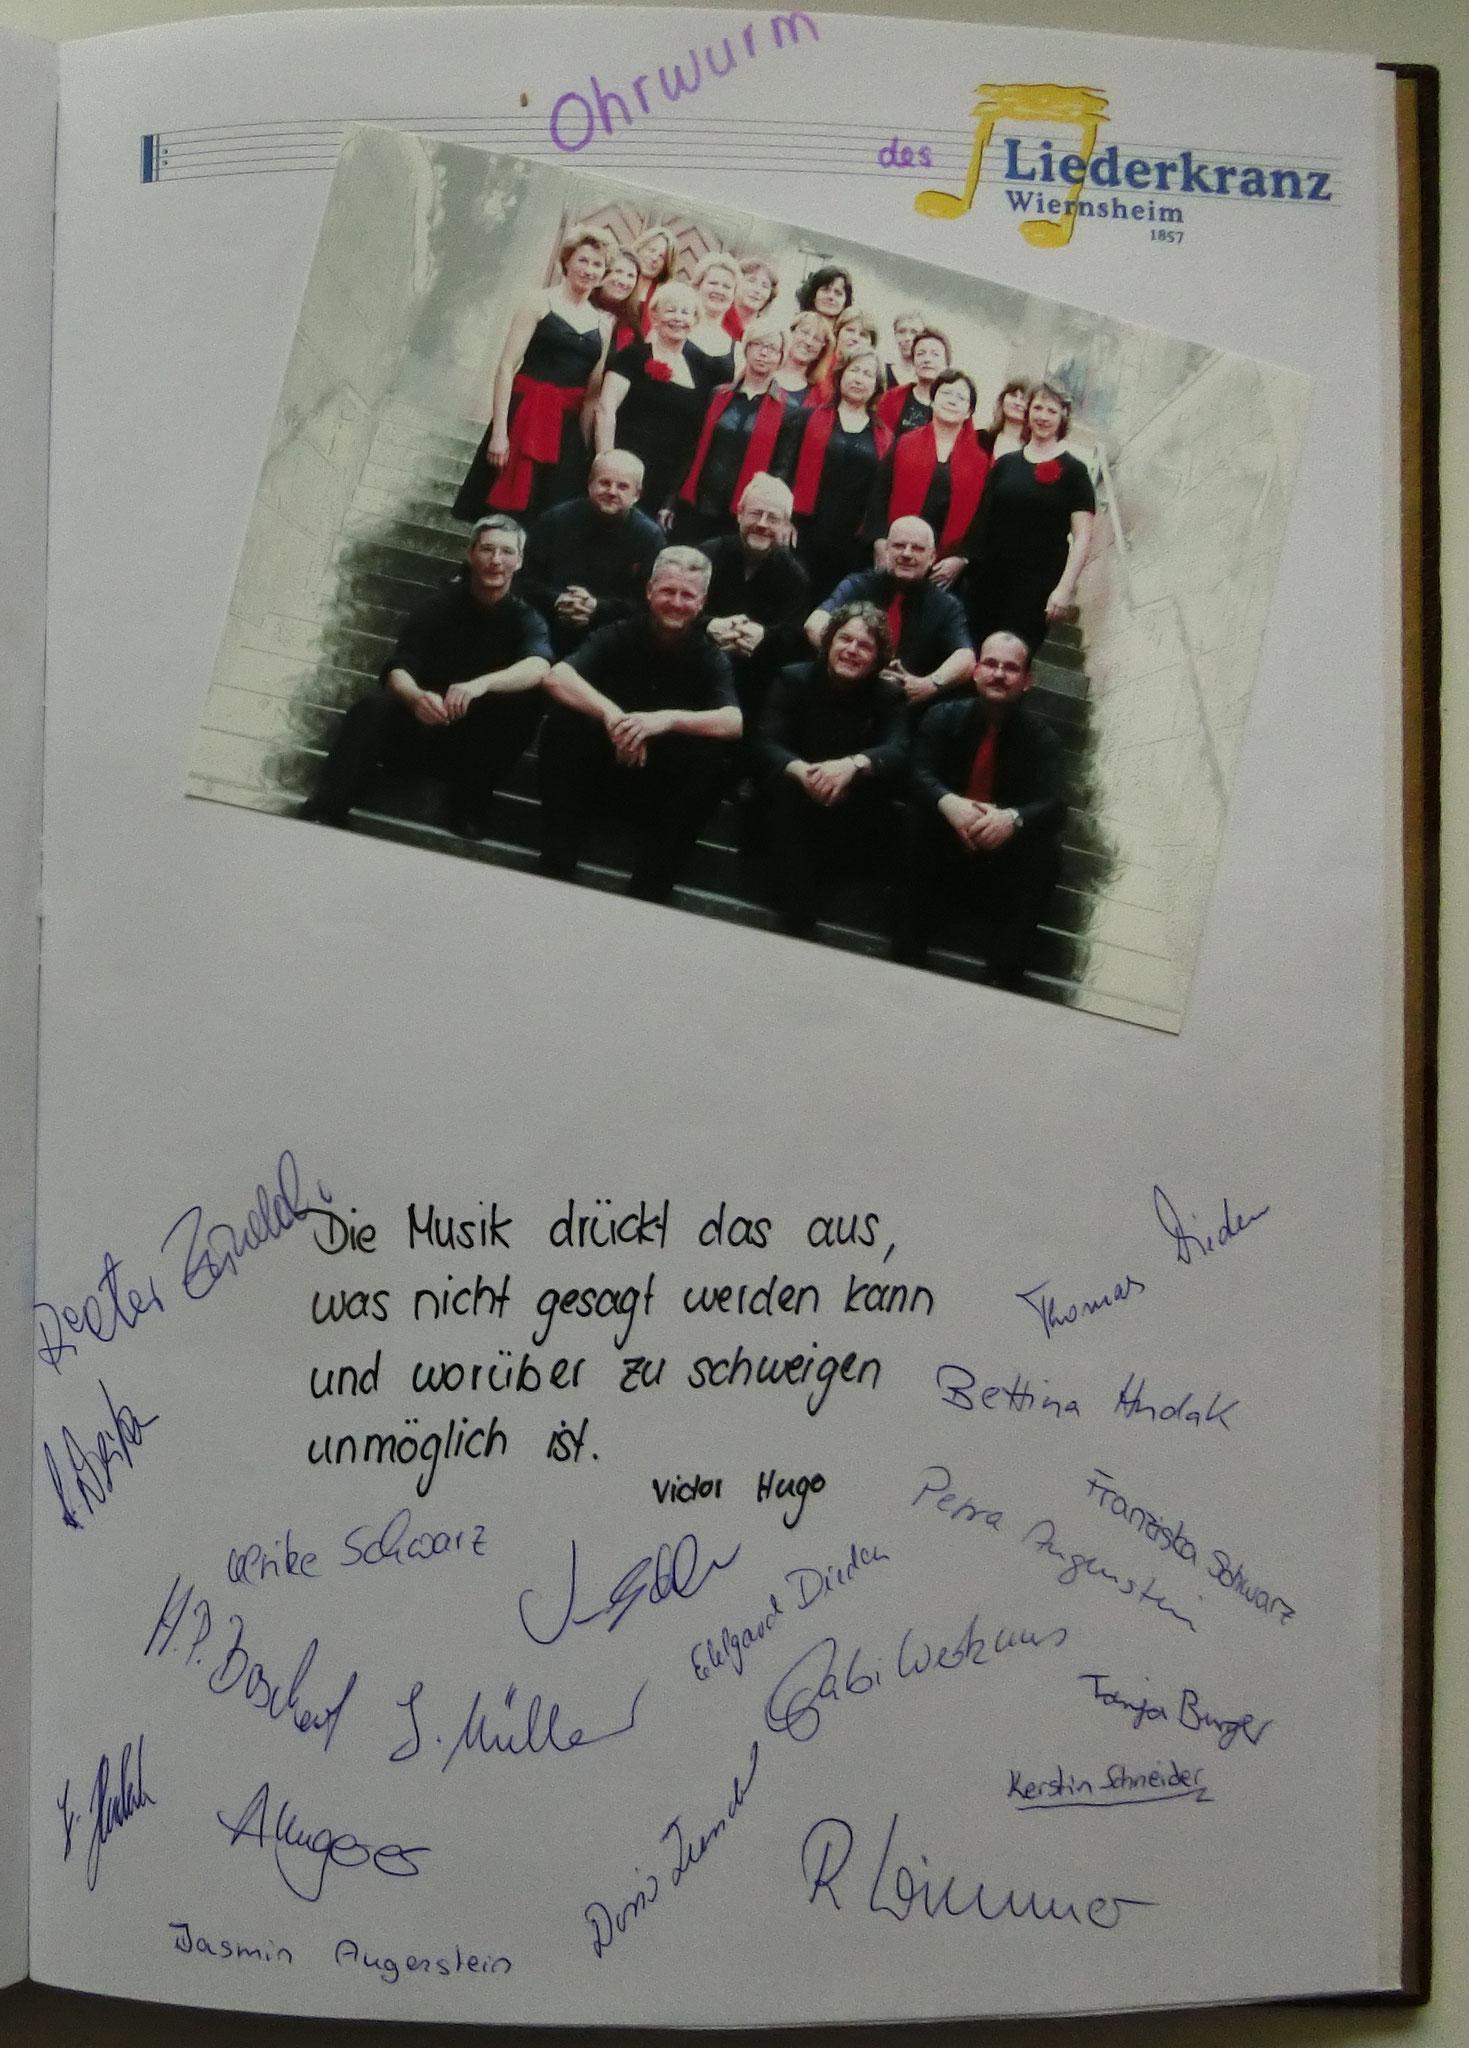 Liederkranz Wiernsheim . Ohrwurm